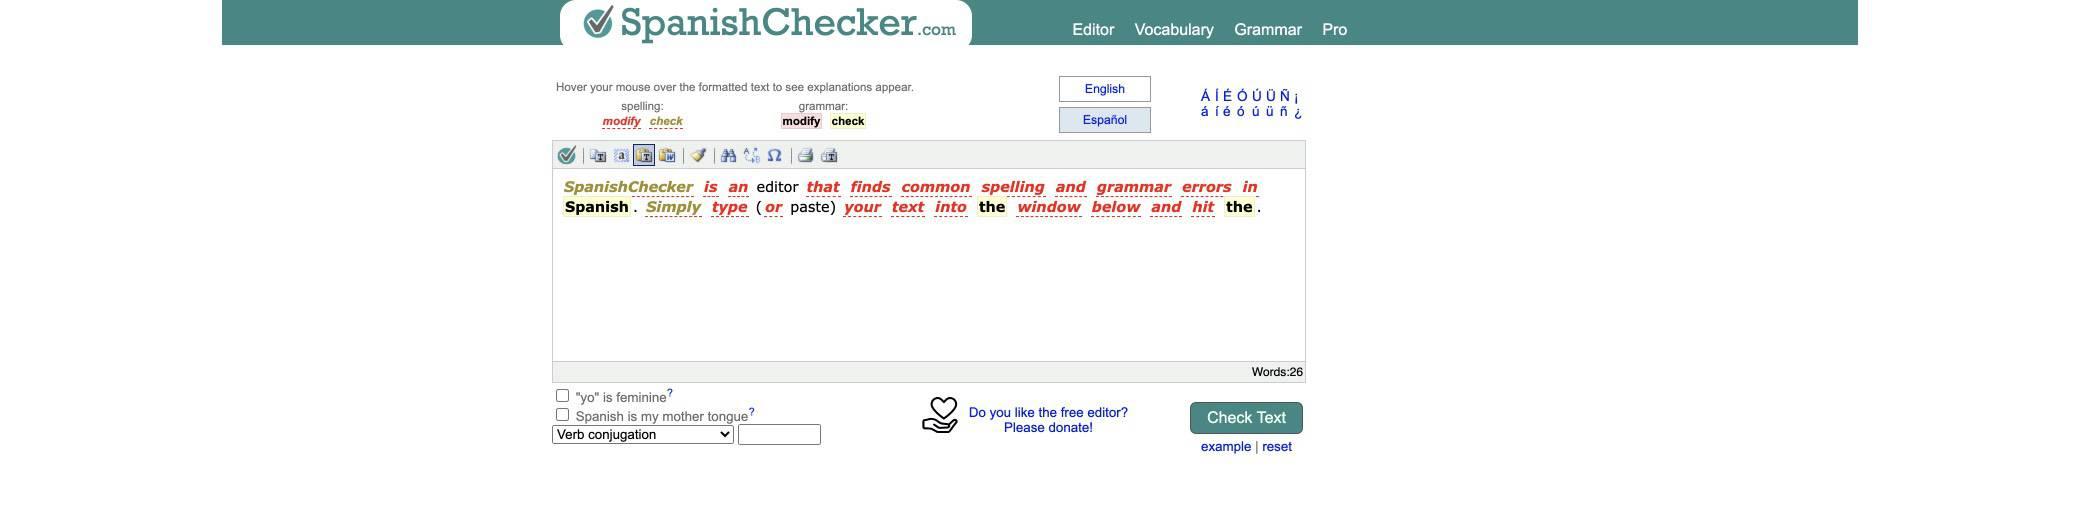 spanish-checker screenshot